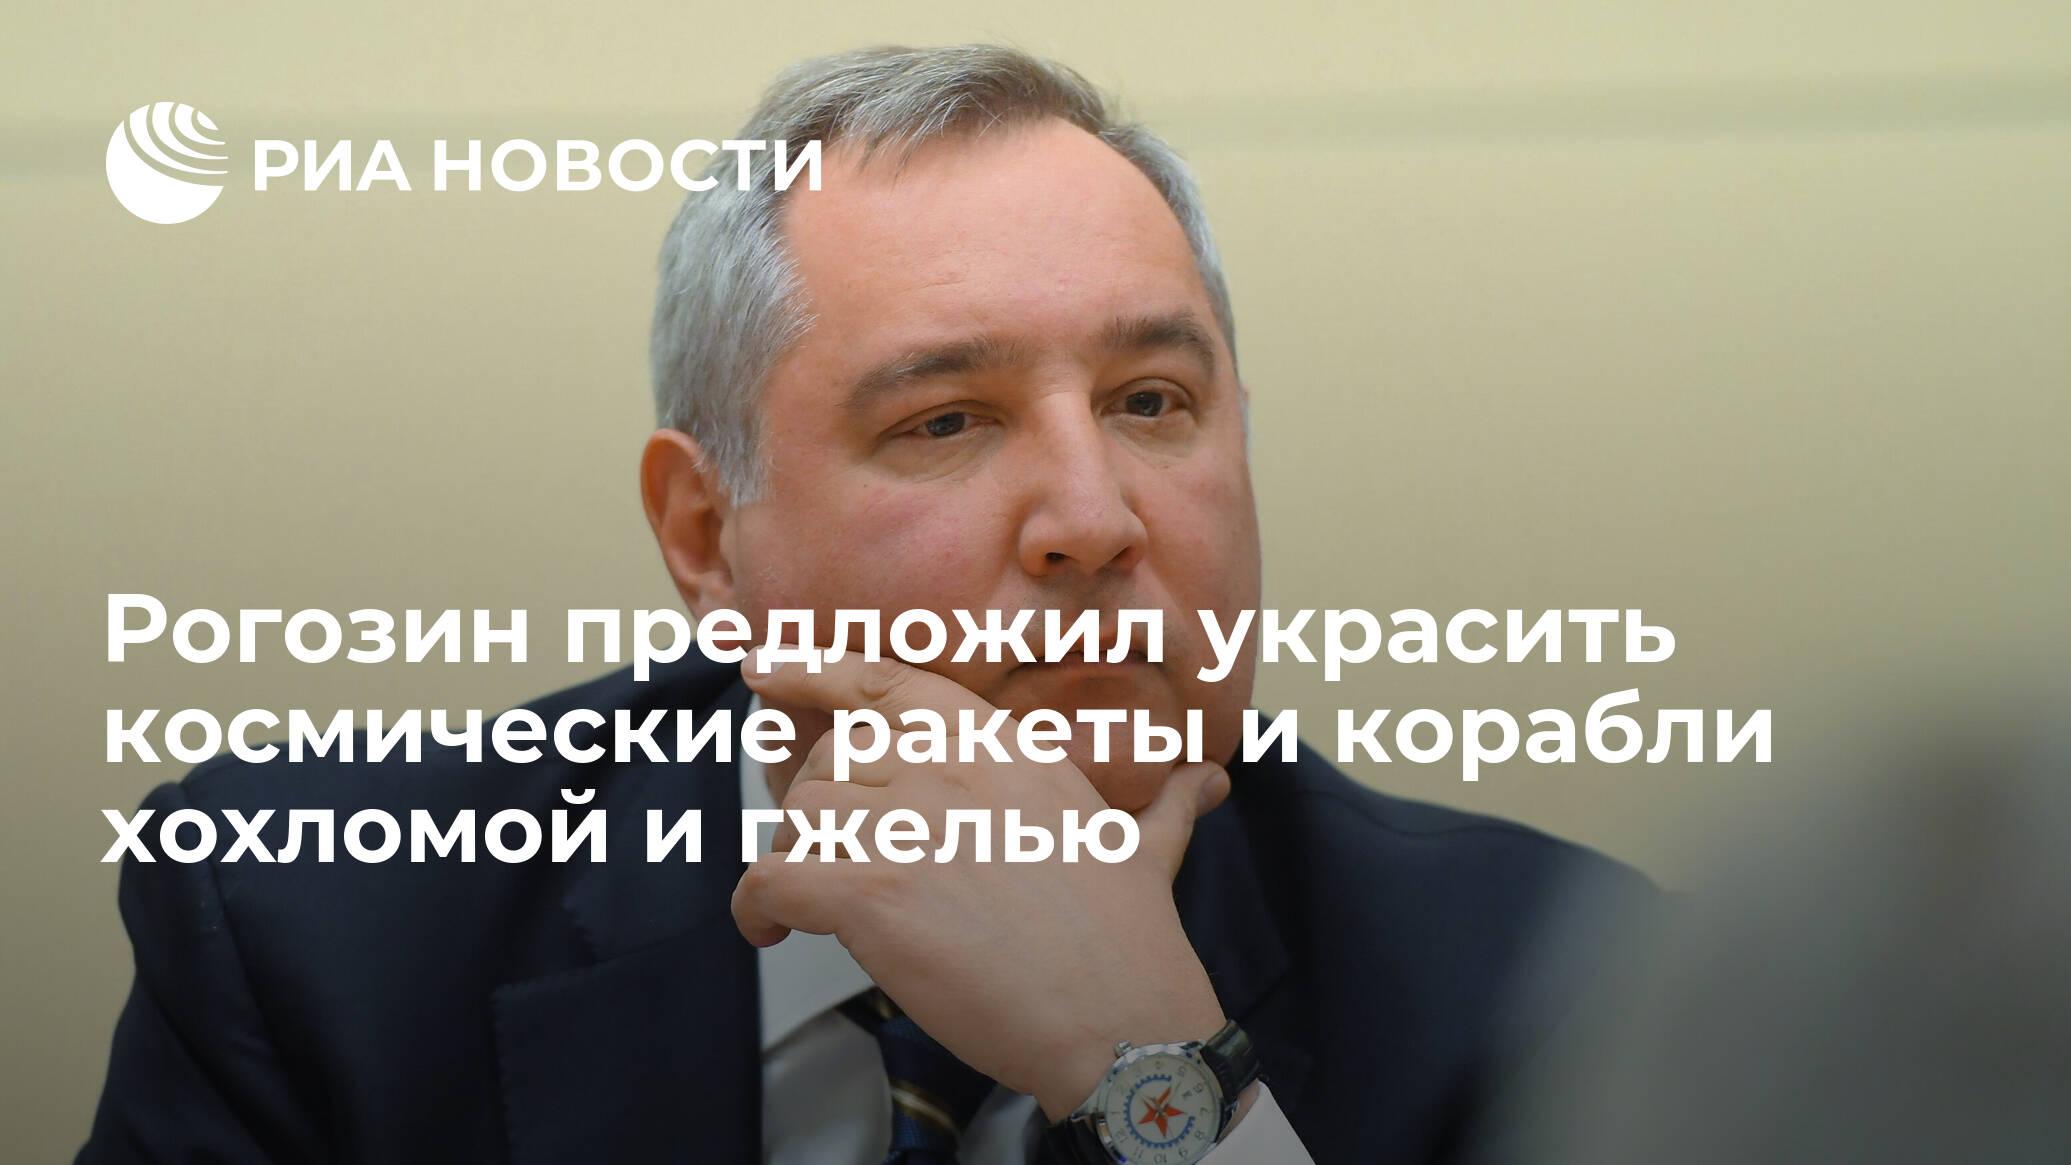 https://ria.ru/20200810/1575583674.html